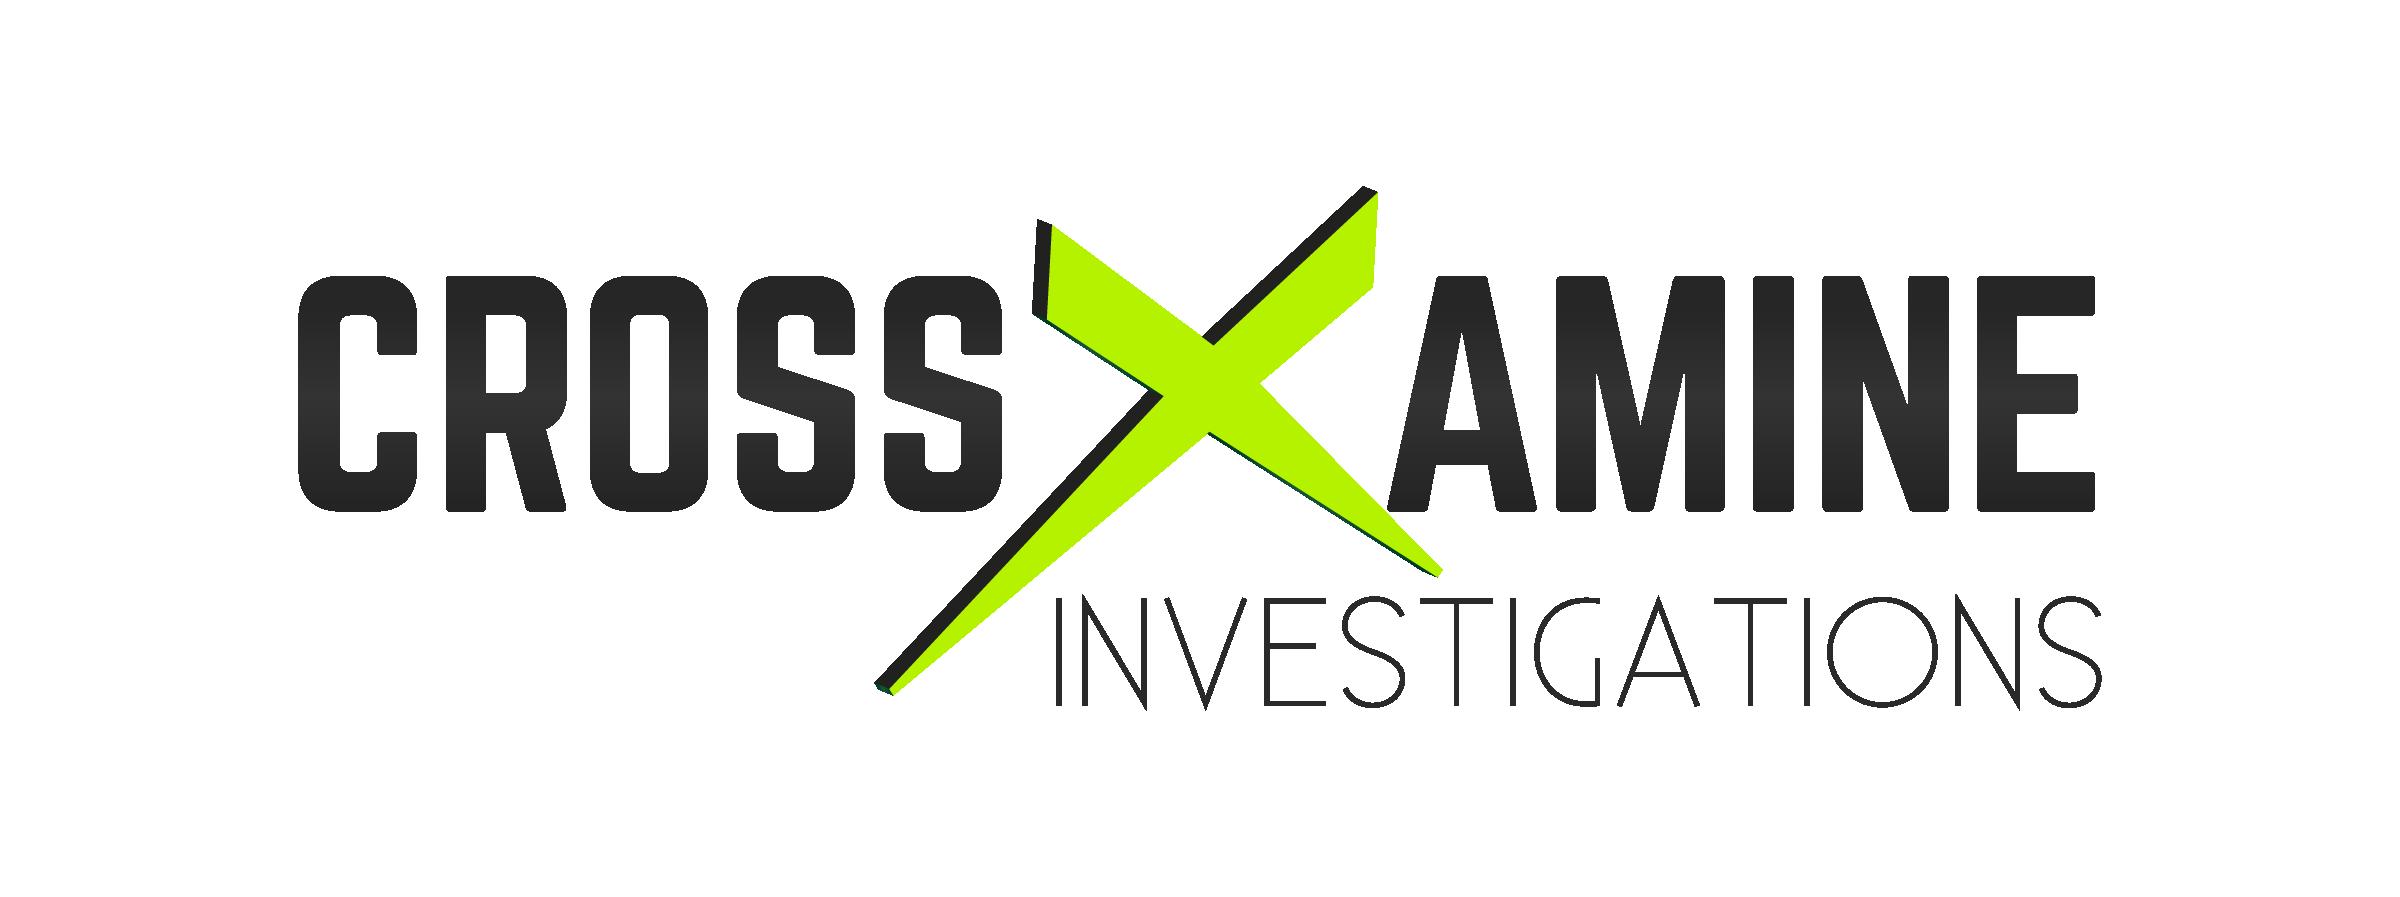 CrossXamine Investigations